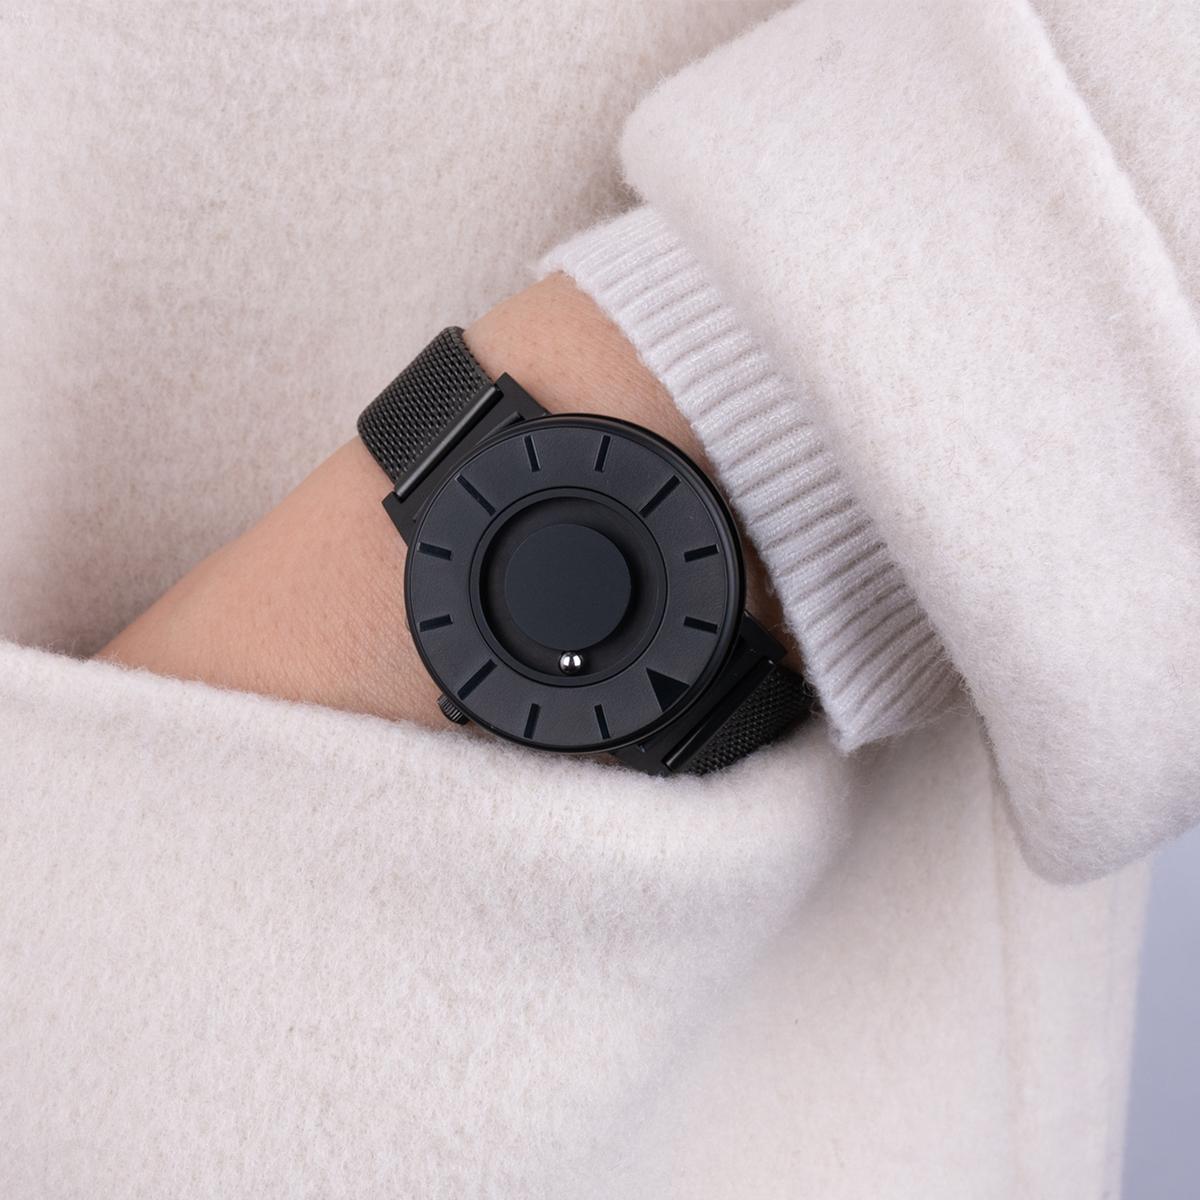 「逆転の発想」が導き出した、美しいユニバーサルデザイン時計の解答。腕元におさまるコンパクトな文字盤、軽やかな装着感のメッシュバンド。触って時間を知る「腕時計」| EONE